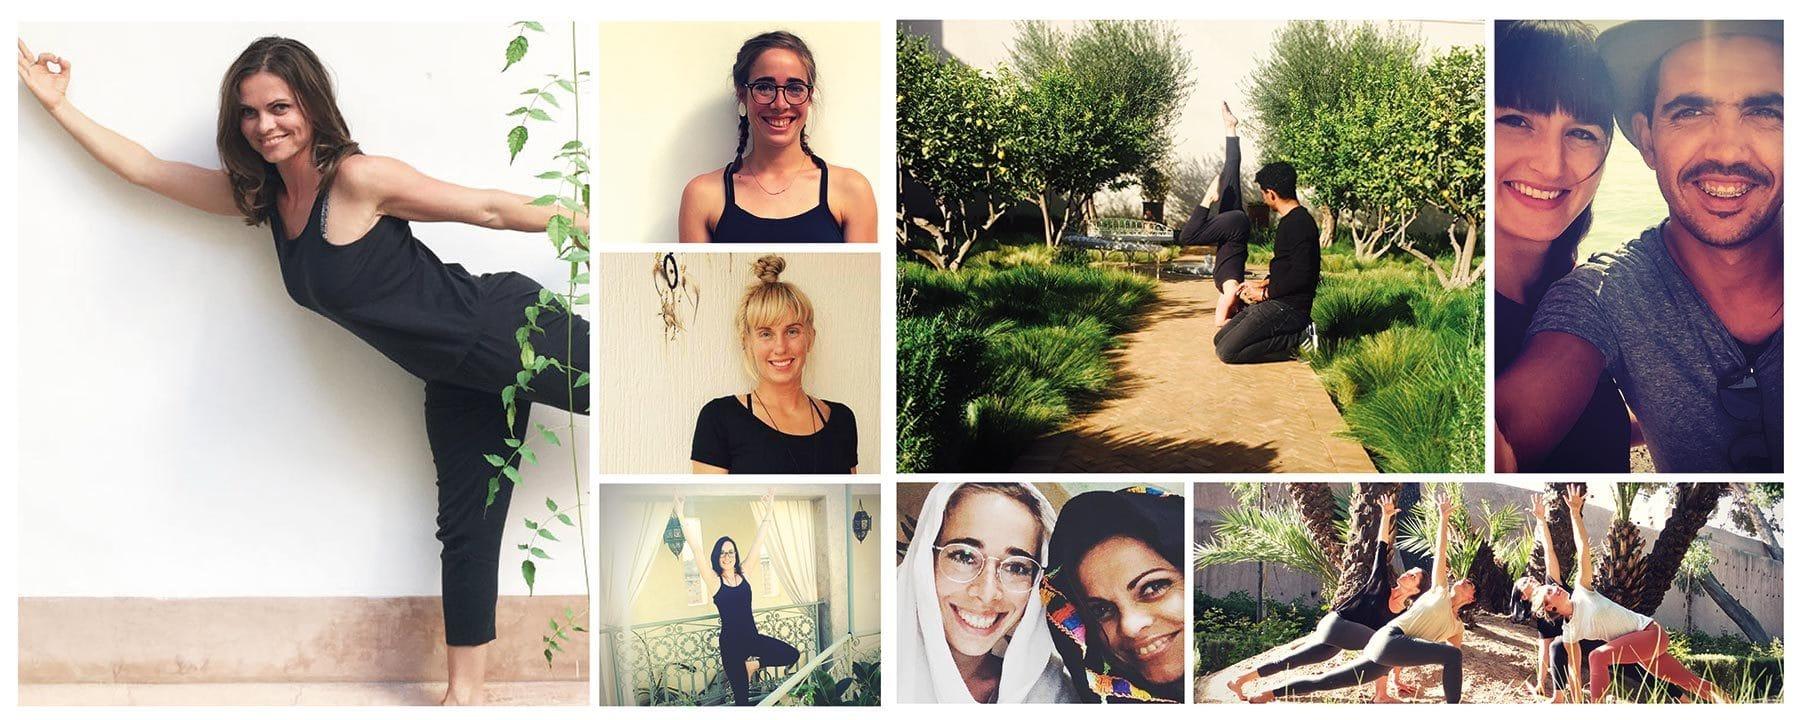 nosade-team-collage_source-nosade